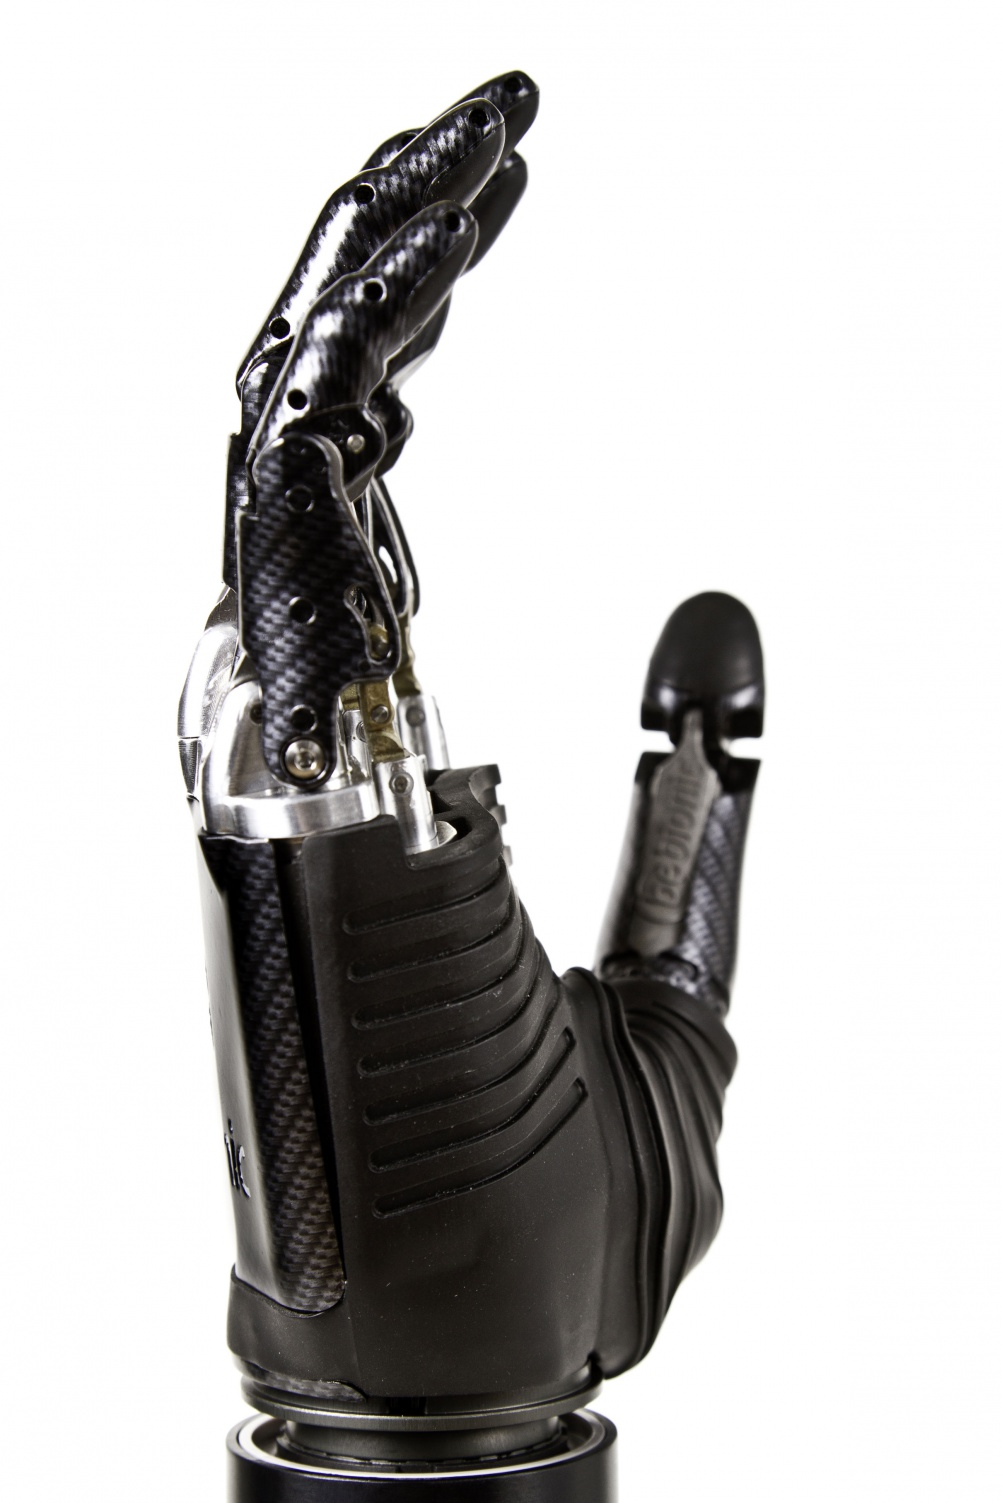 A bebionic prosthetic hand. © RSL Steeper.